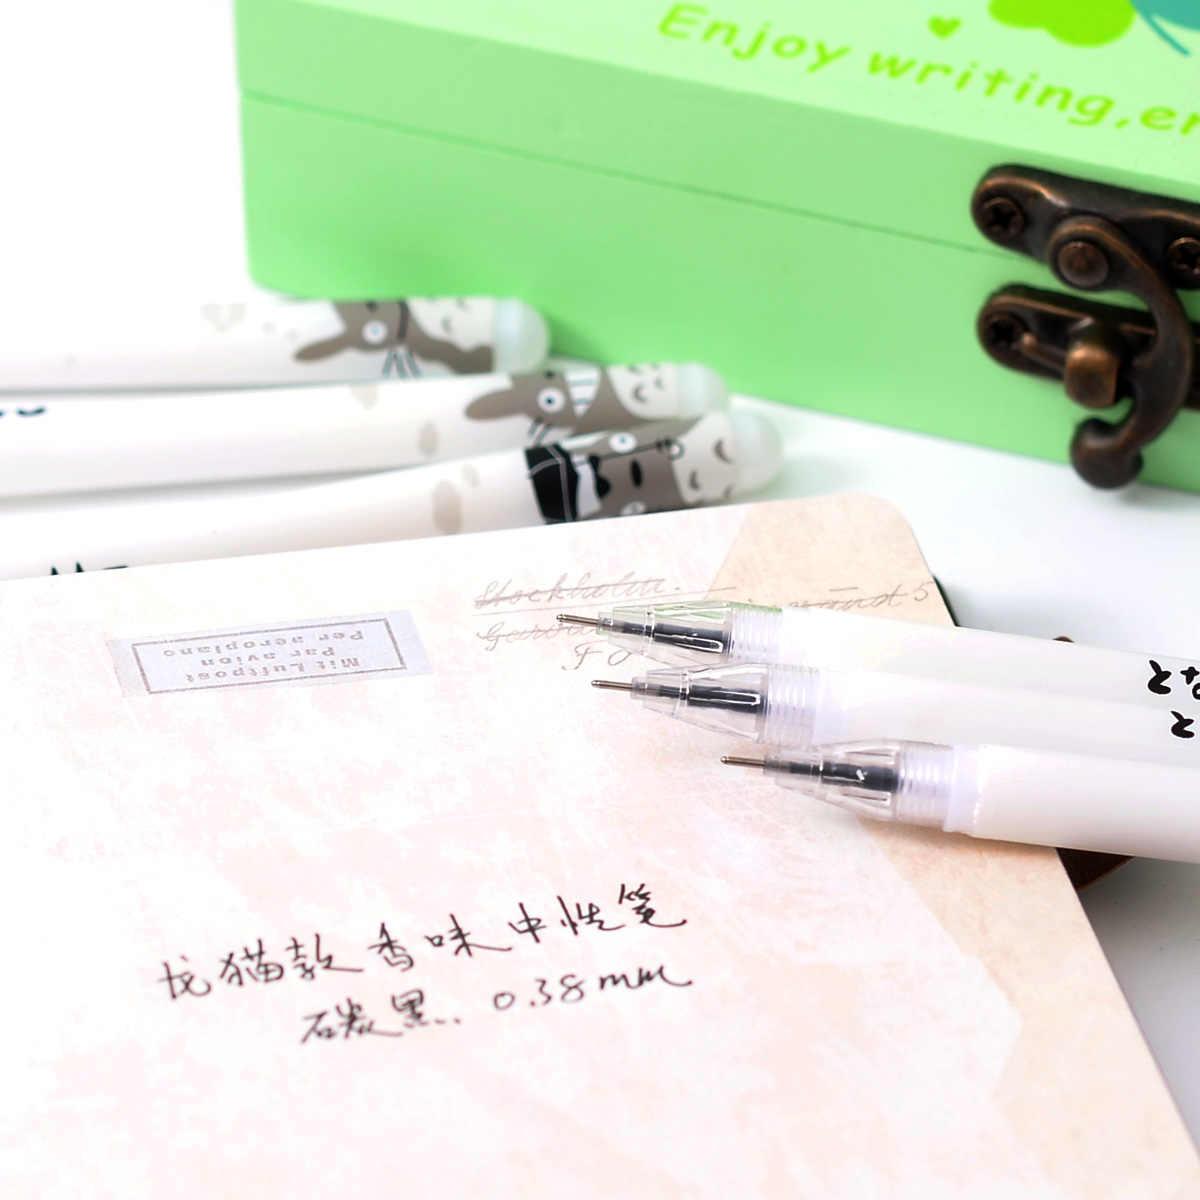 3 uds. Bolígrafo de Gel bonito Kawaii Totoro de 0,38mm, bolígrafo para escribir y firmar, suministros escolares para Oficina, Papelería para estudiantes, recompensa